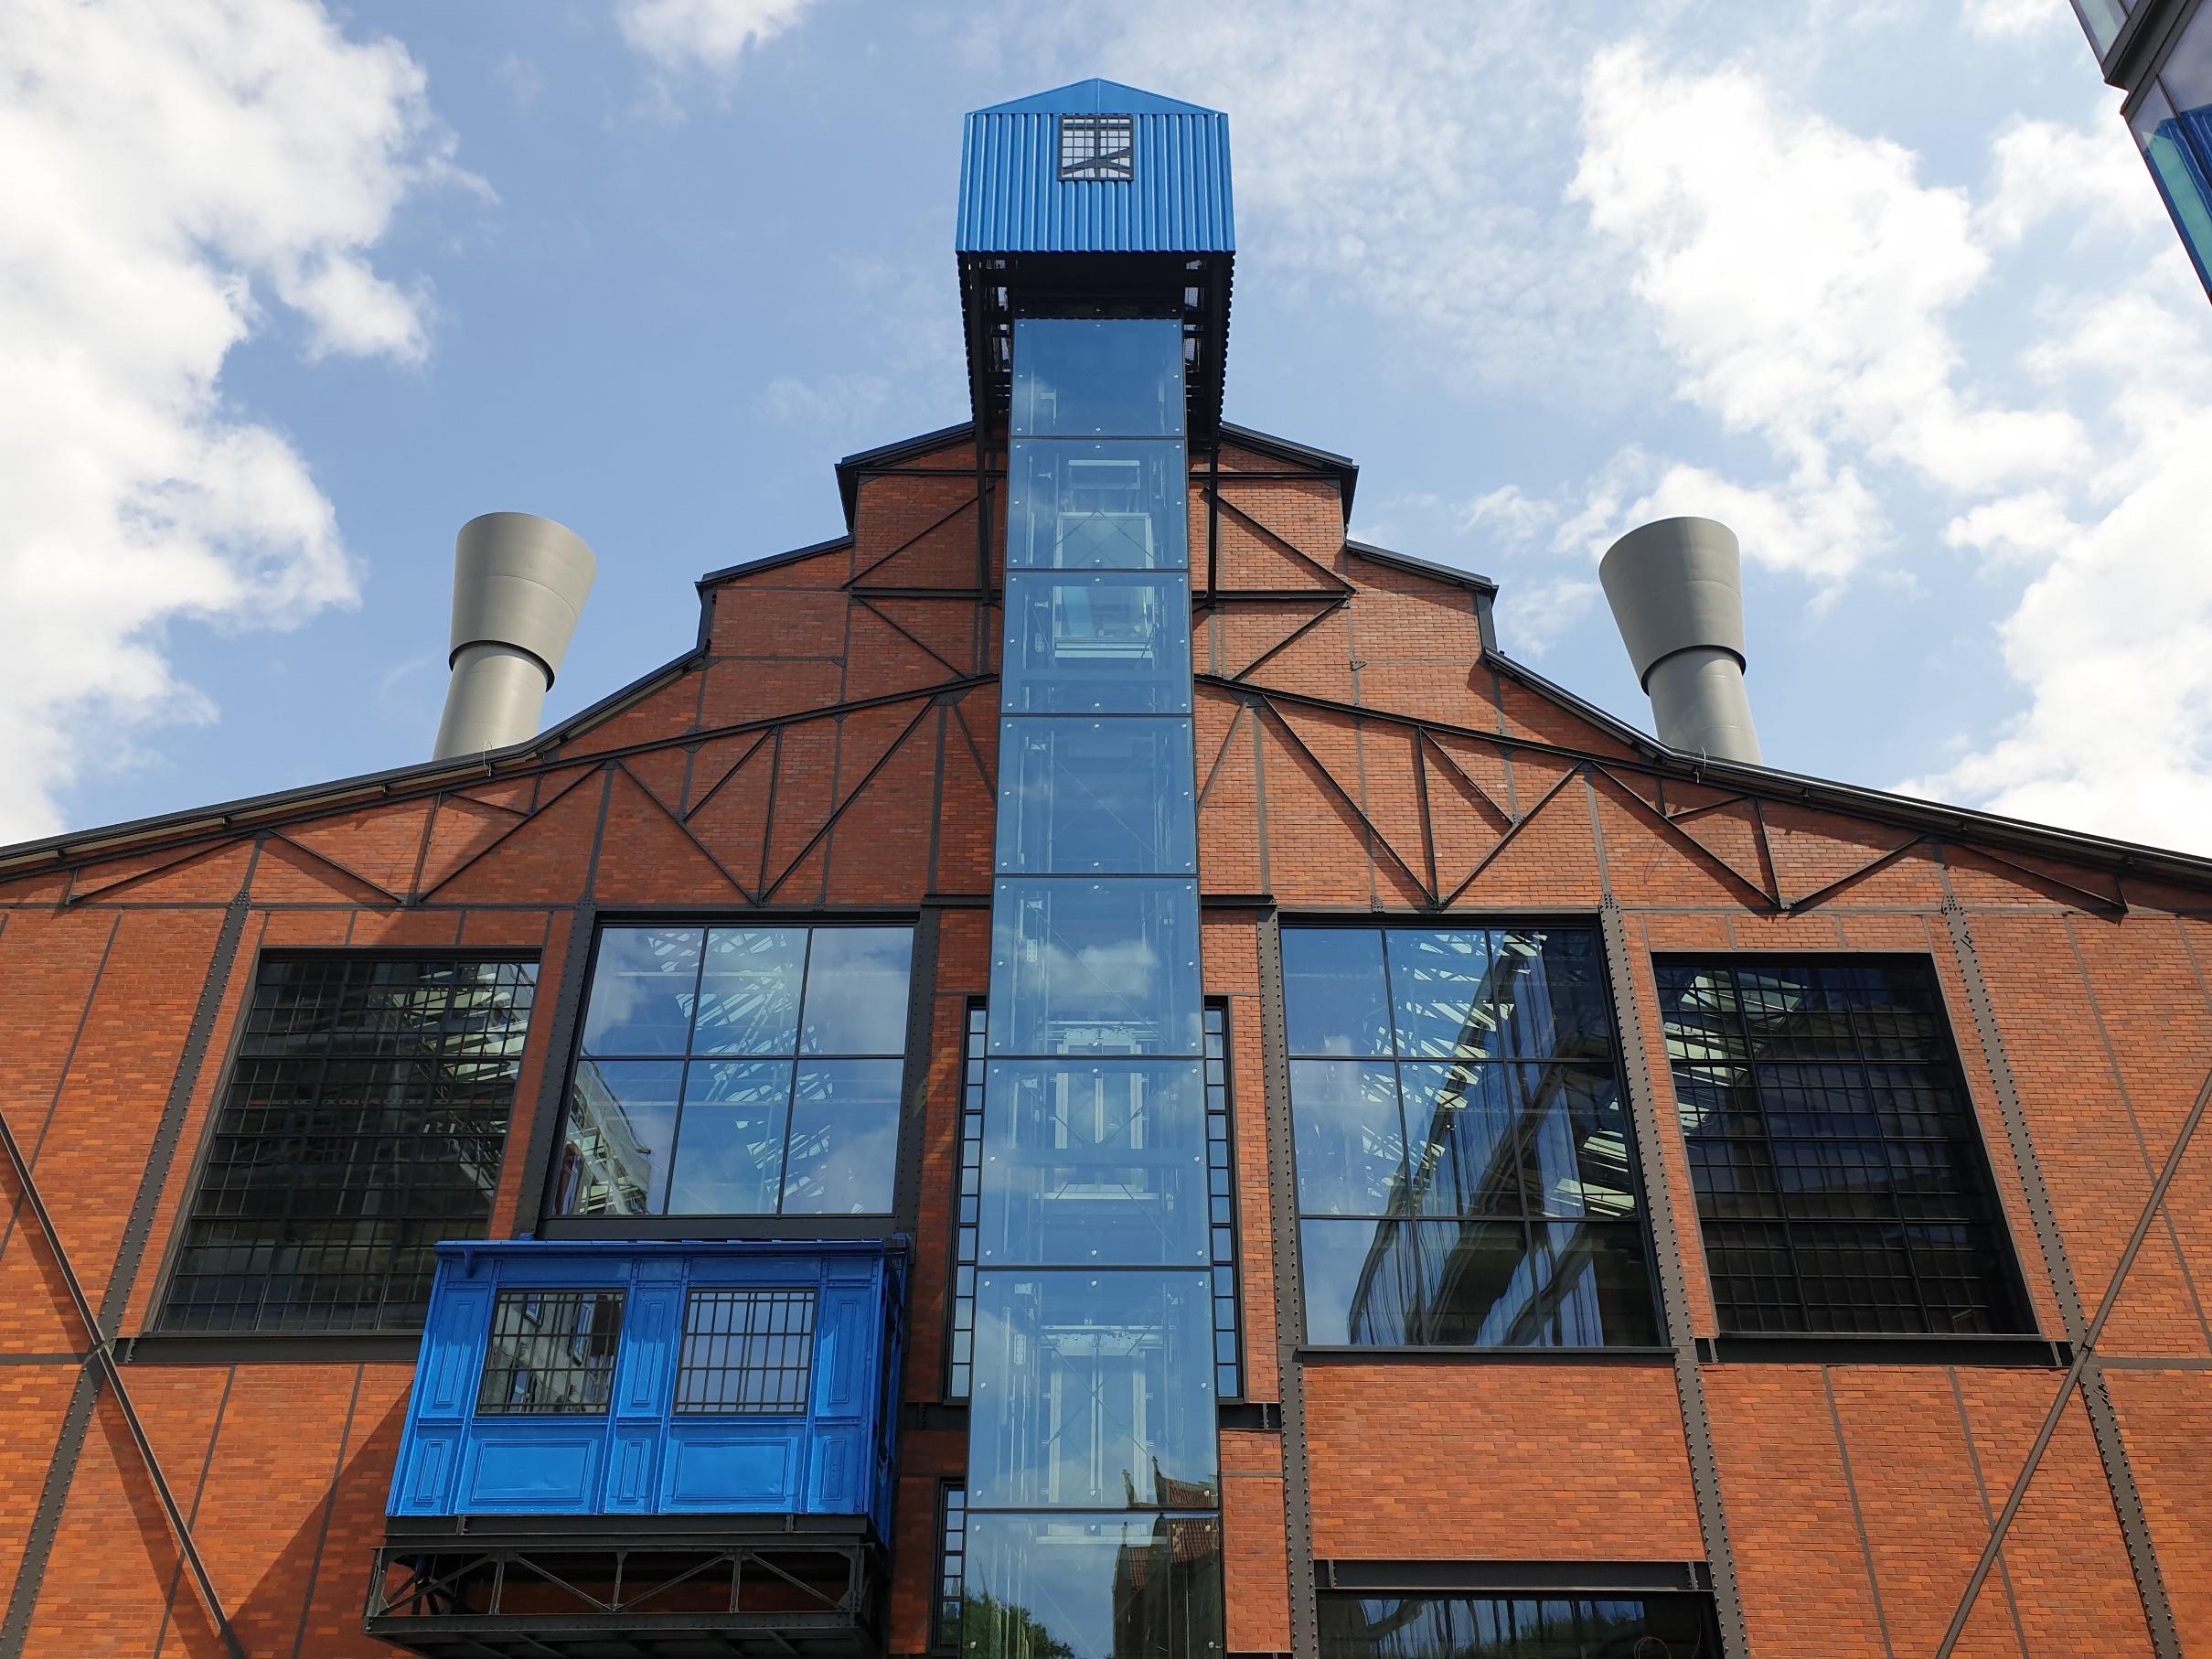 Elektrownia, biurowiec, Powiśle, Warszawa